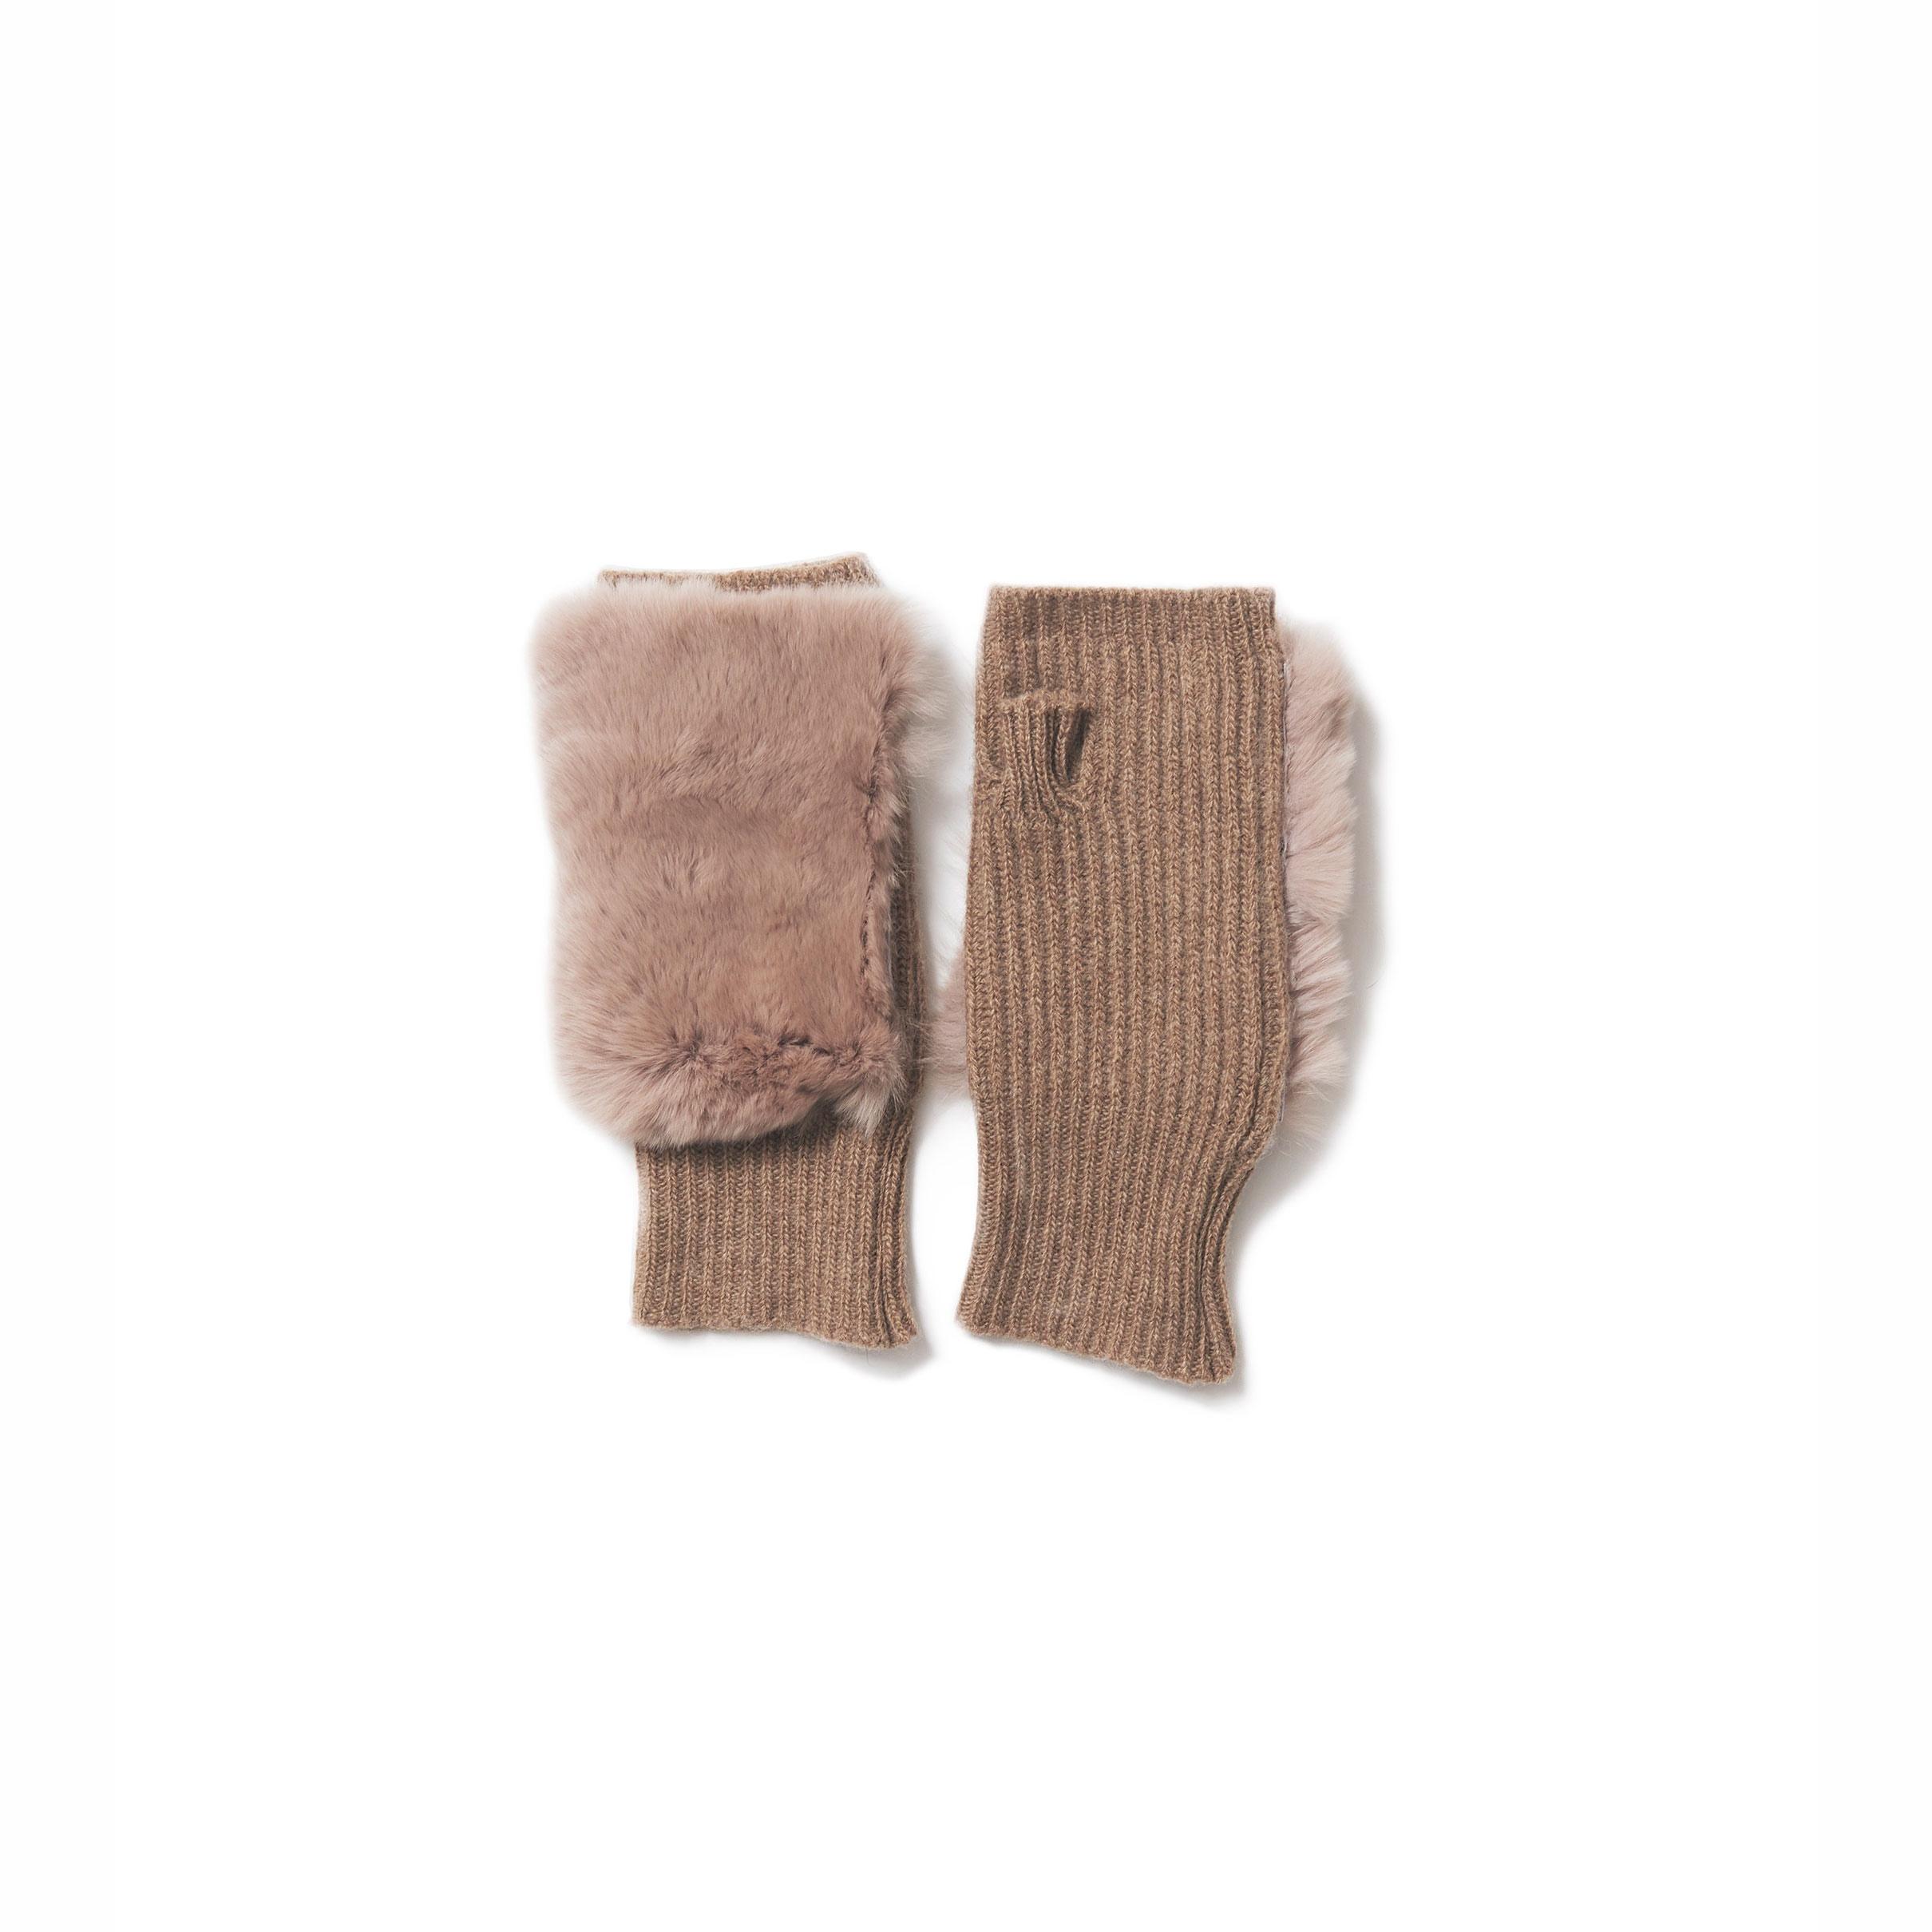 アクセみたいな、knit fur gloves